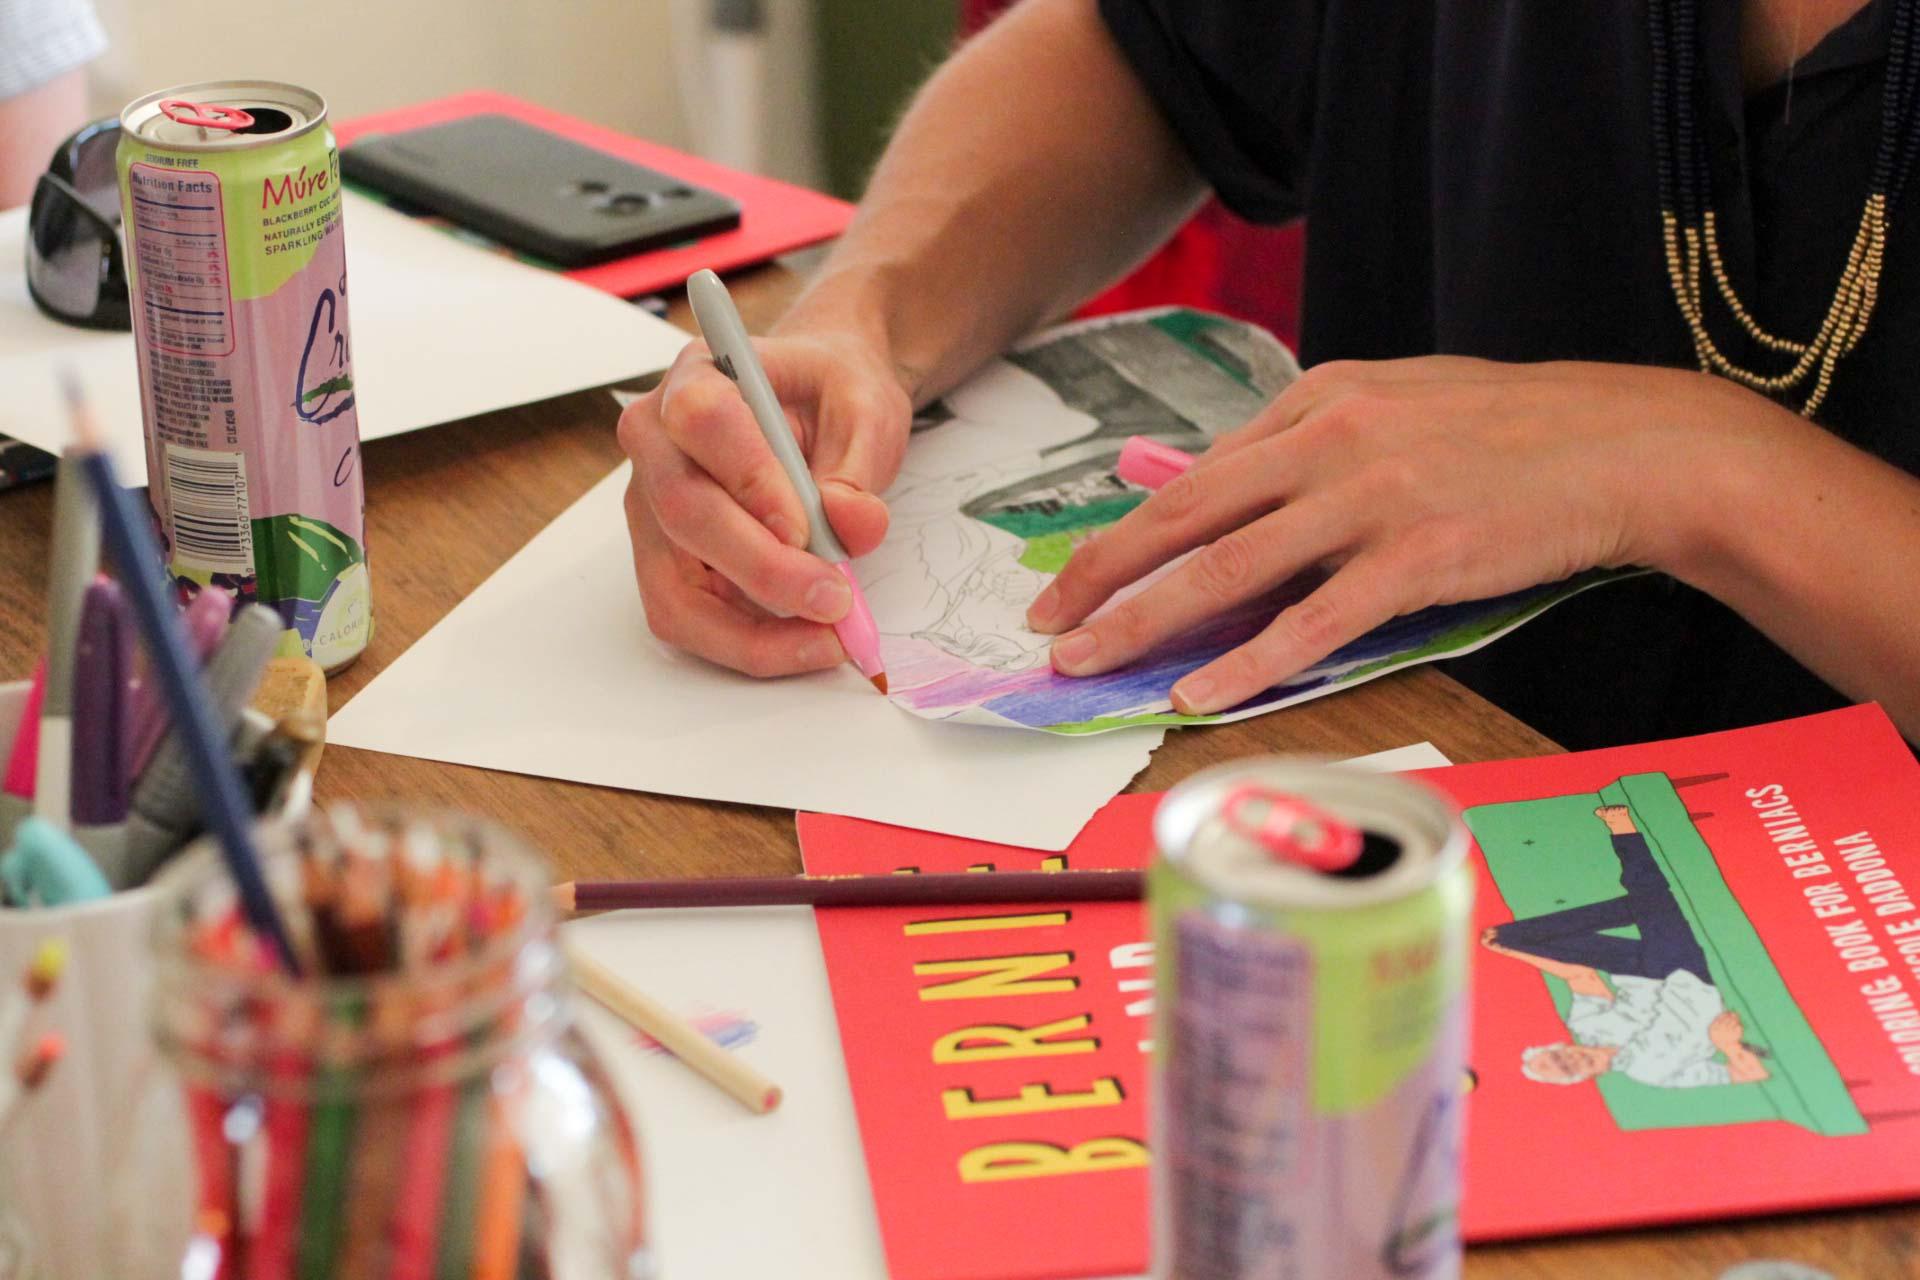 cocktailsandcraft-coloring-dc-workshop (10 of 17).jpg